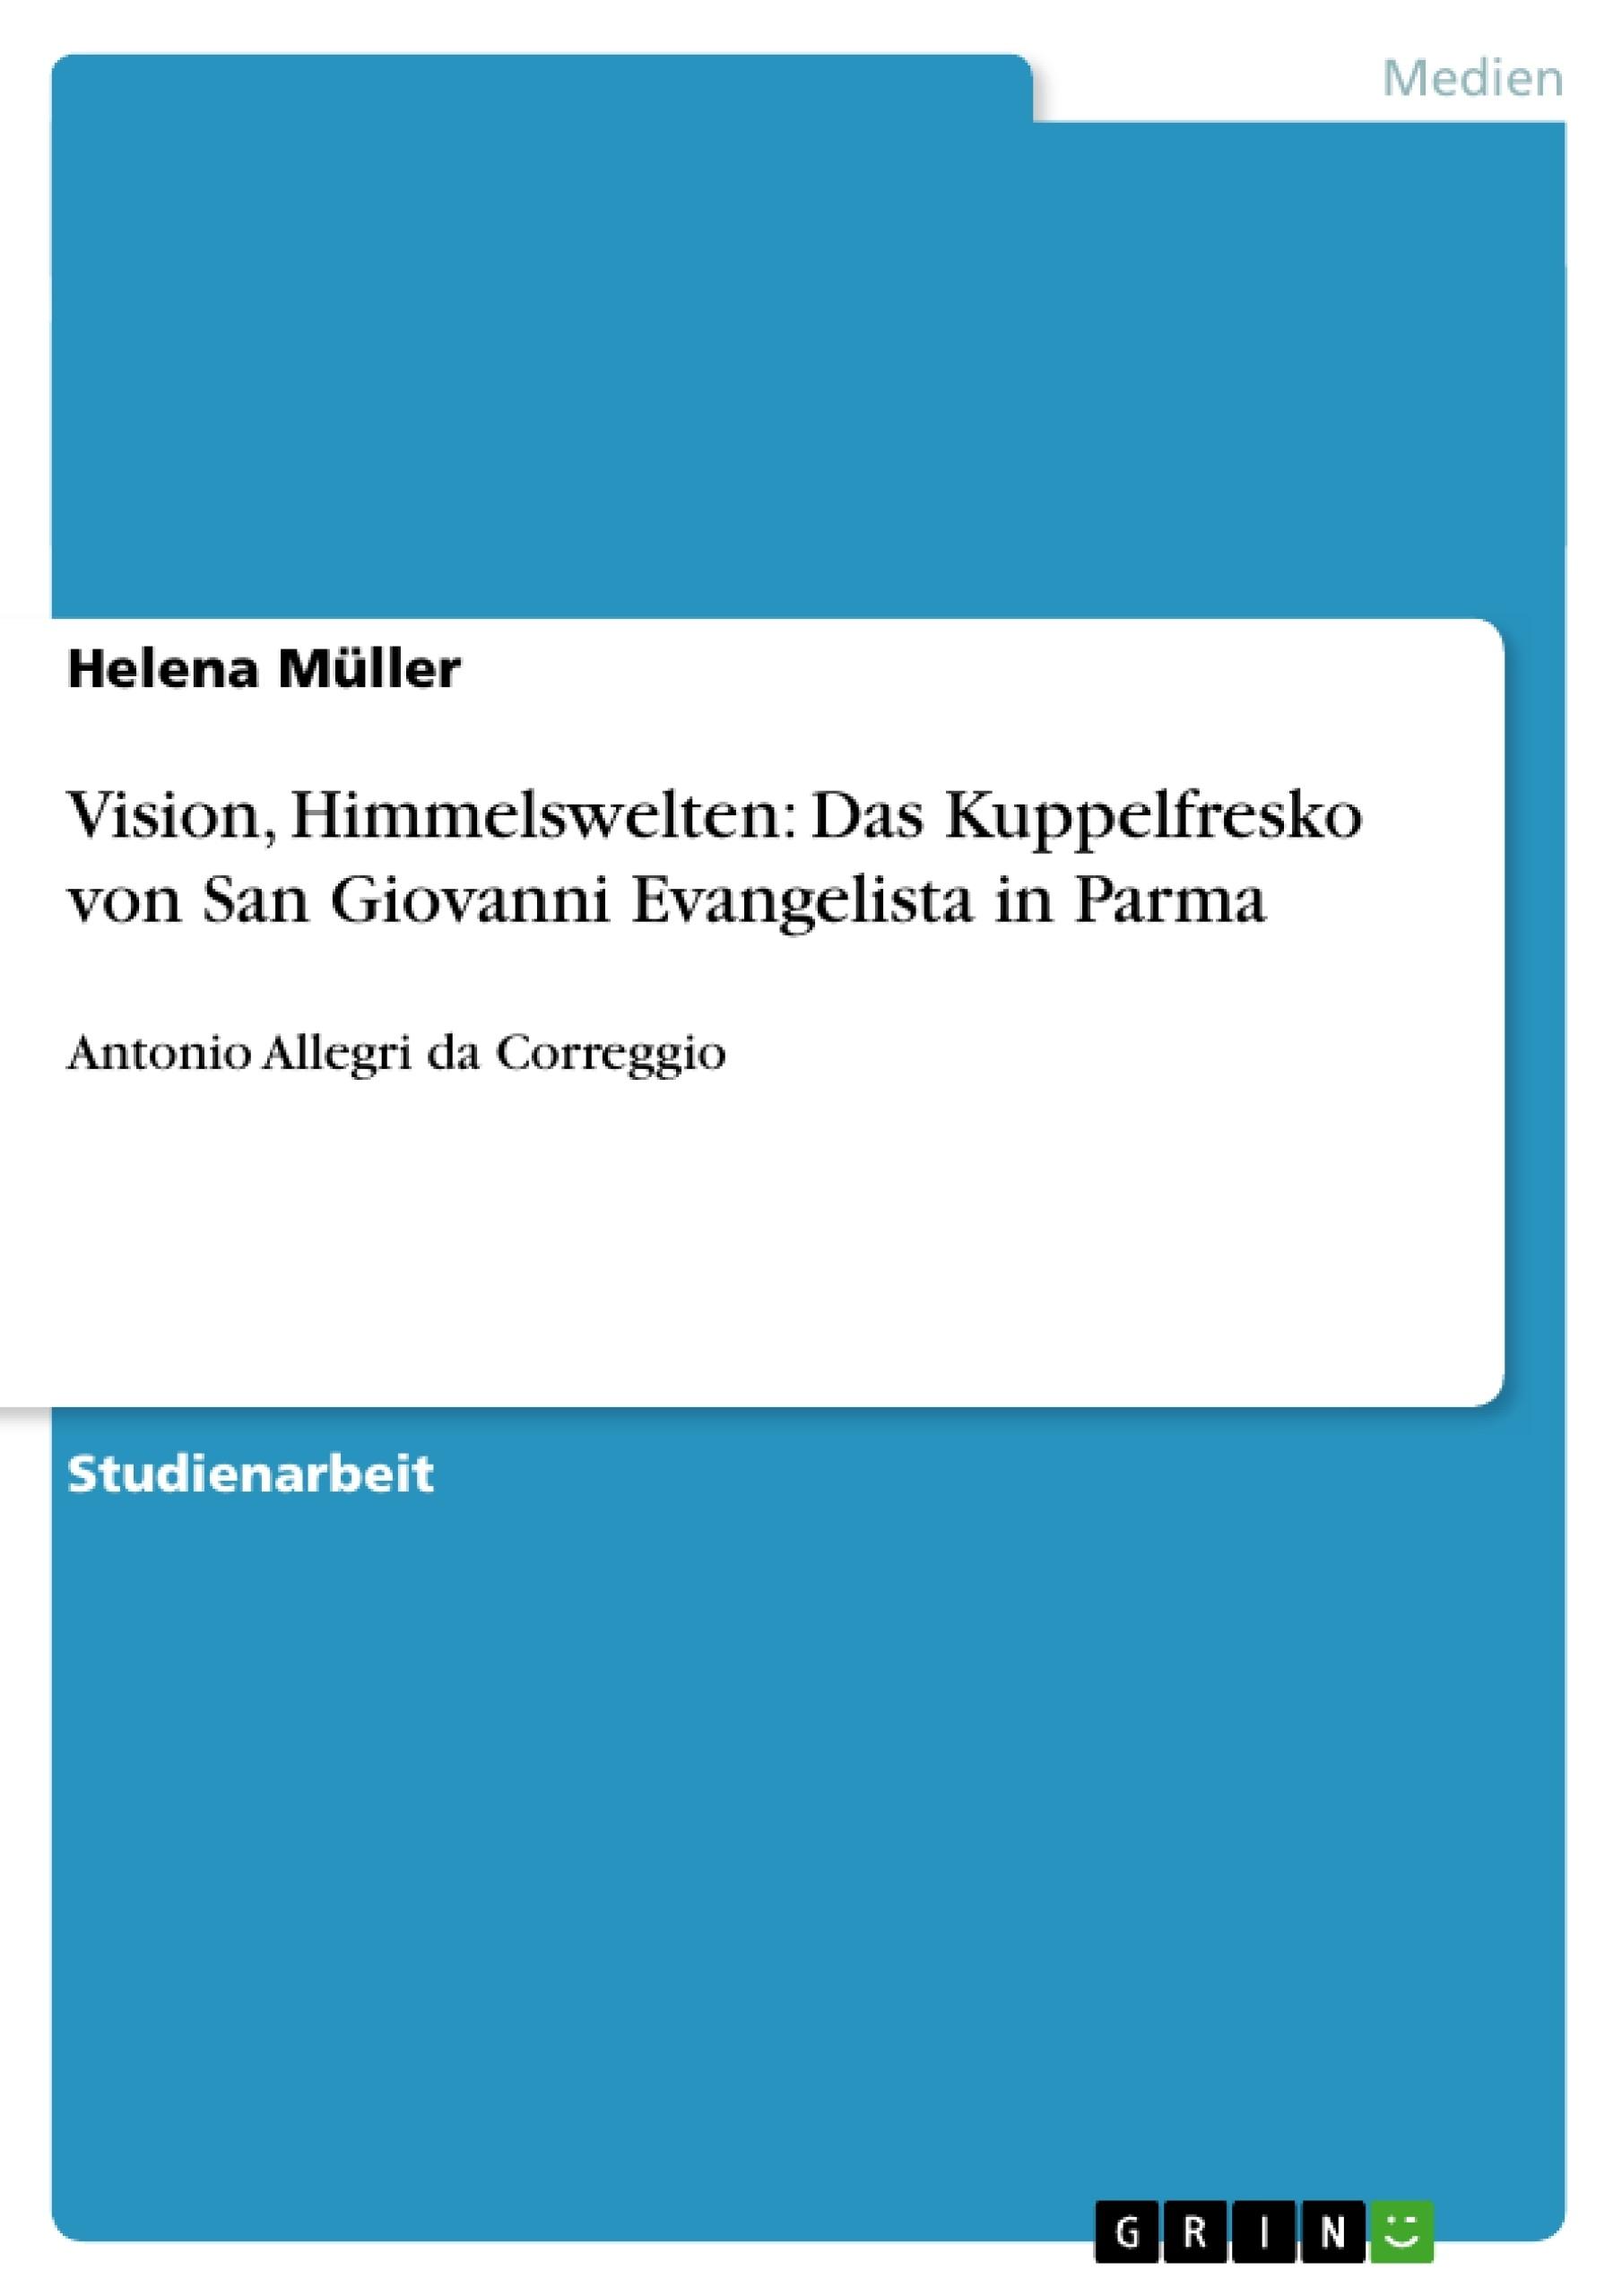 Titel: Vision, Himmelswelten: Das Kuppelfresko von San Giovanni Evangelista in Parma